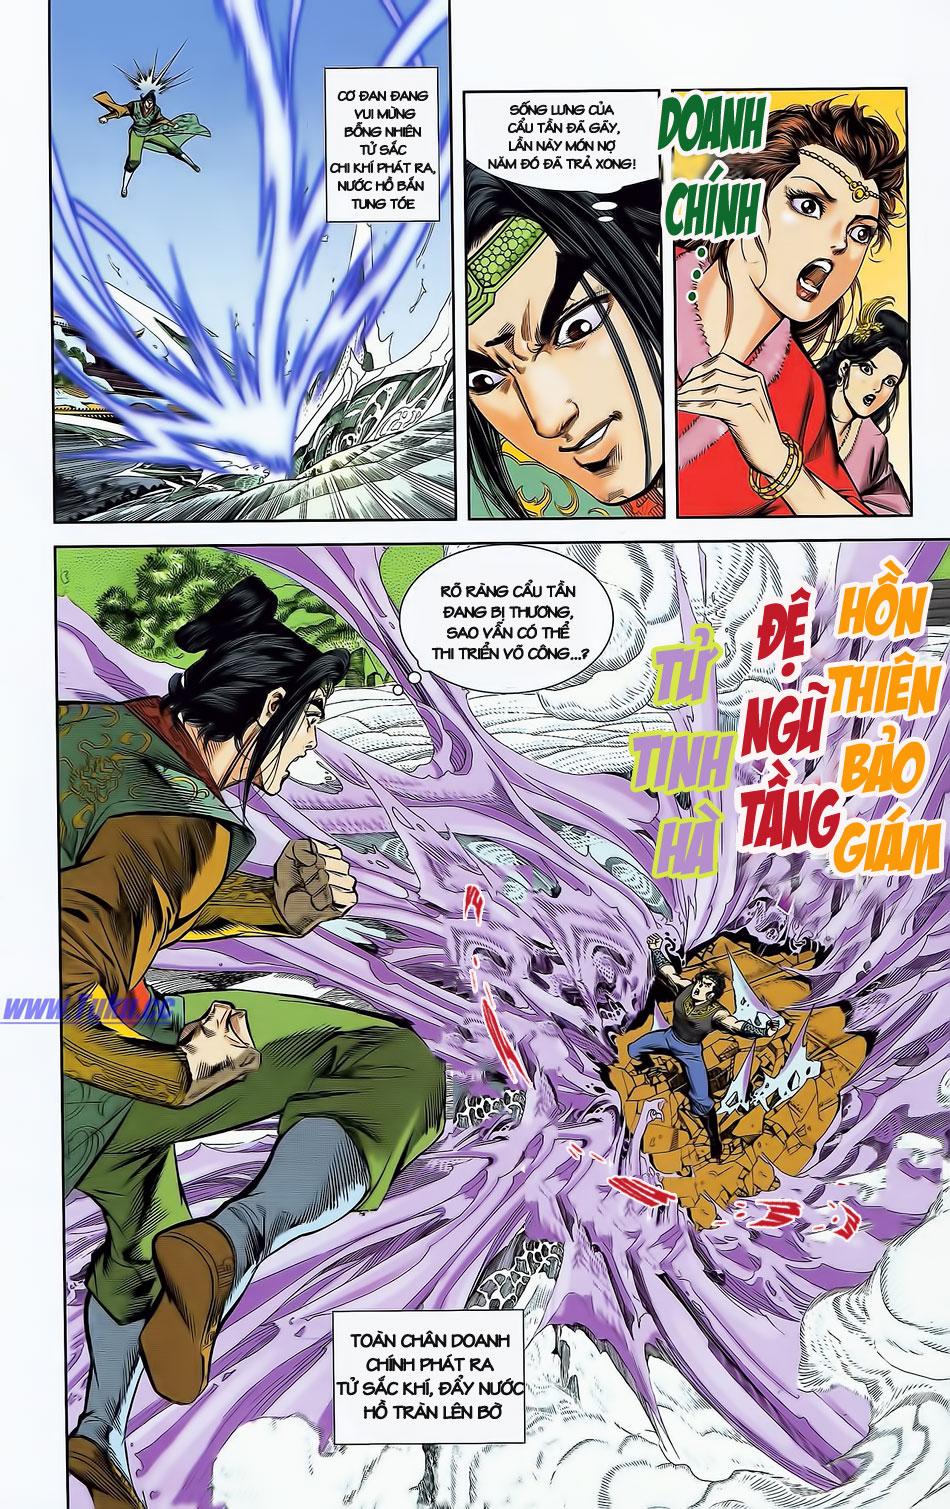 Tần Vương Doanh Chính chapter 2 trang 25